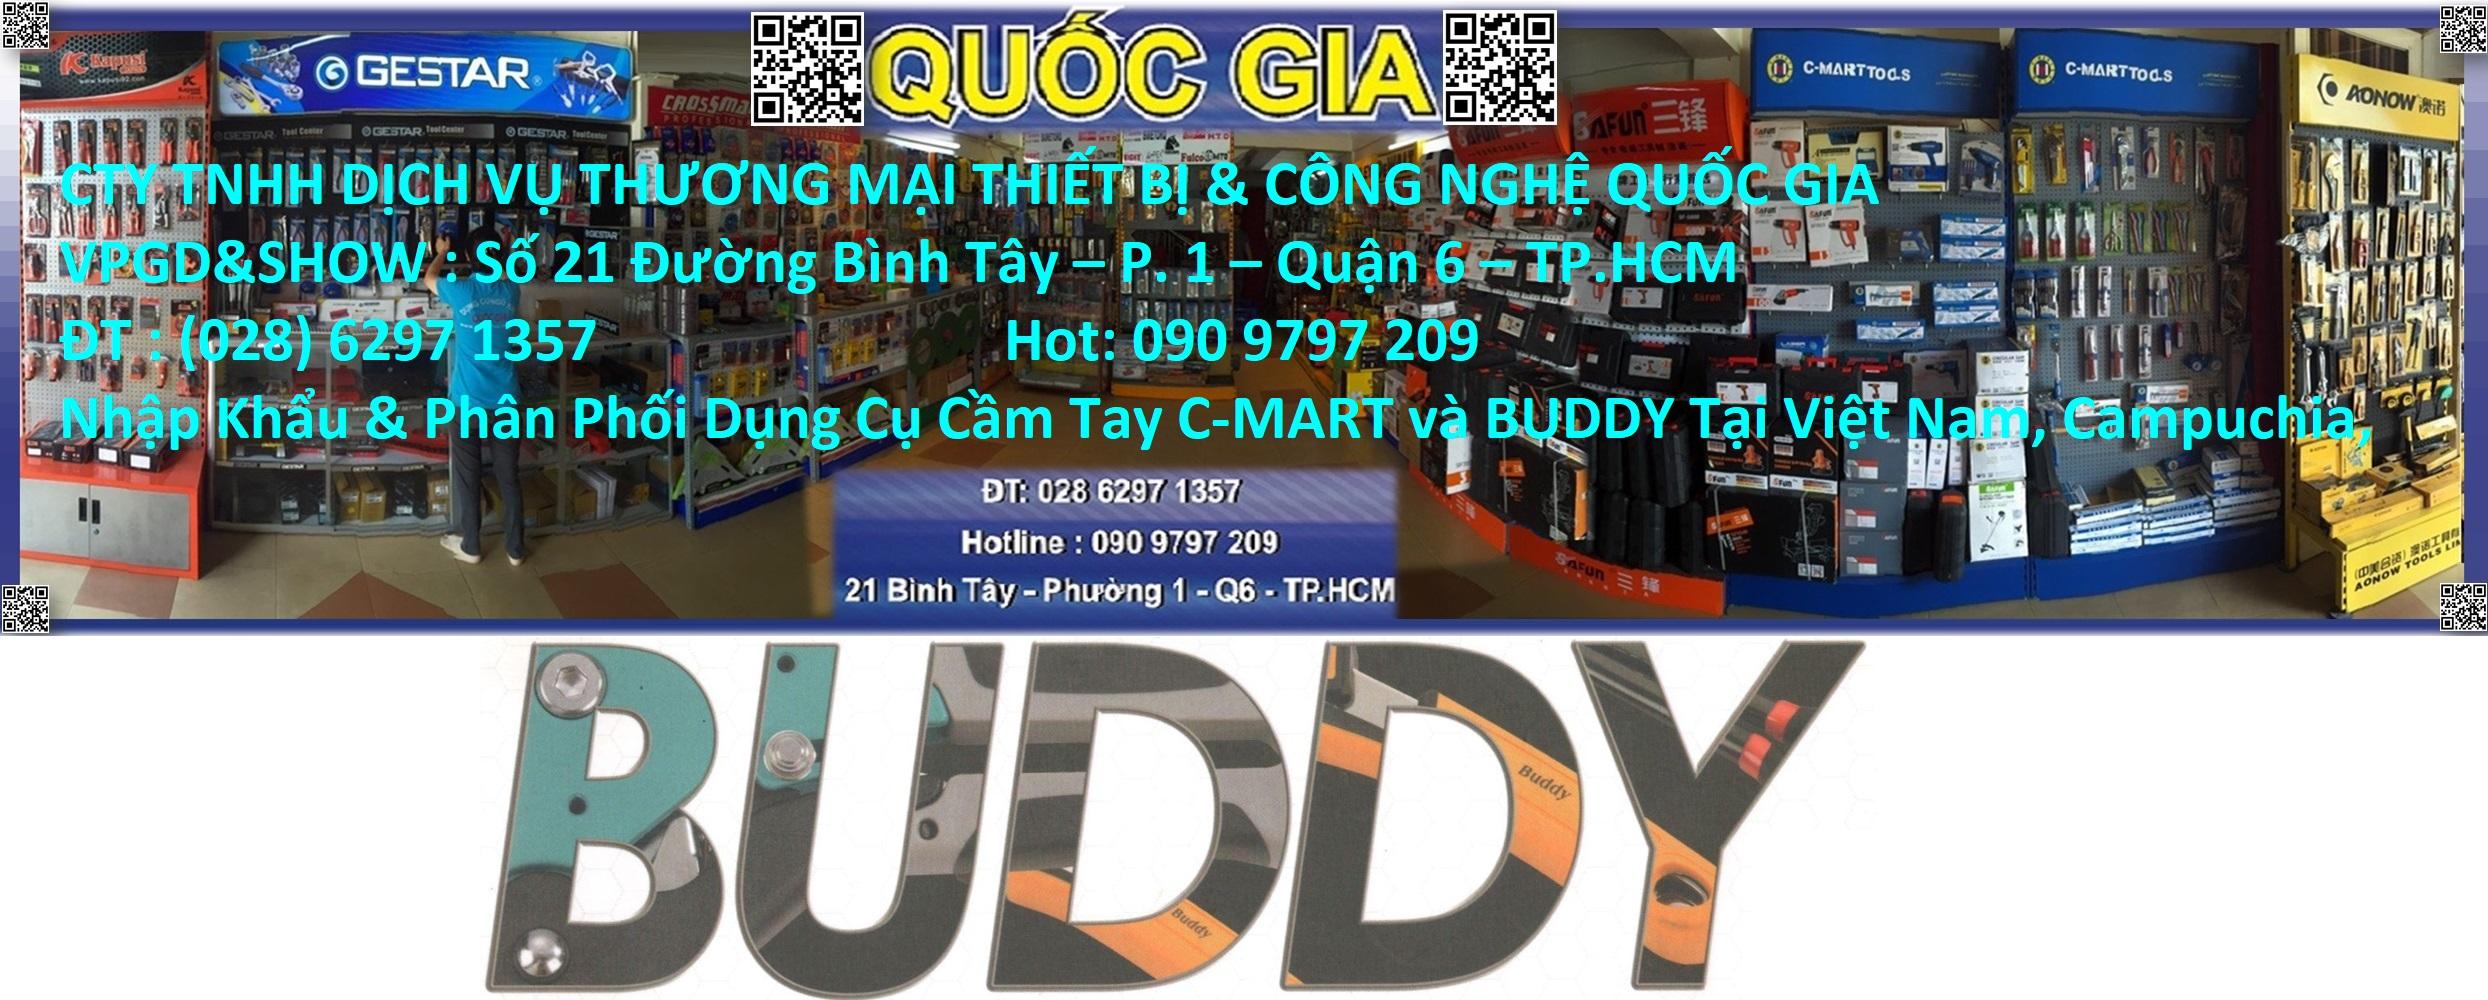 nhap-khau-phan-phoi-chinh-thuc-dung-cu-do-nghe-cam-tay-dai-loan-taiwan-c-mart-buddy-1000x2488